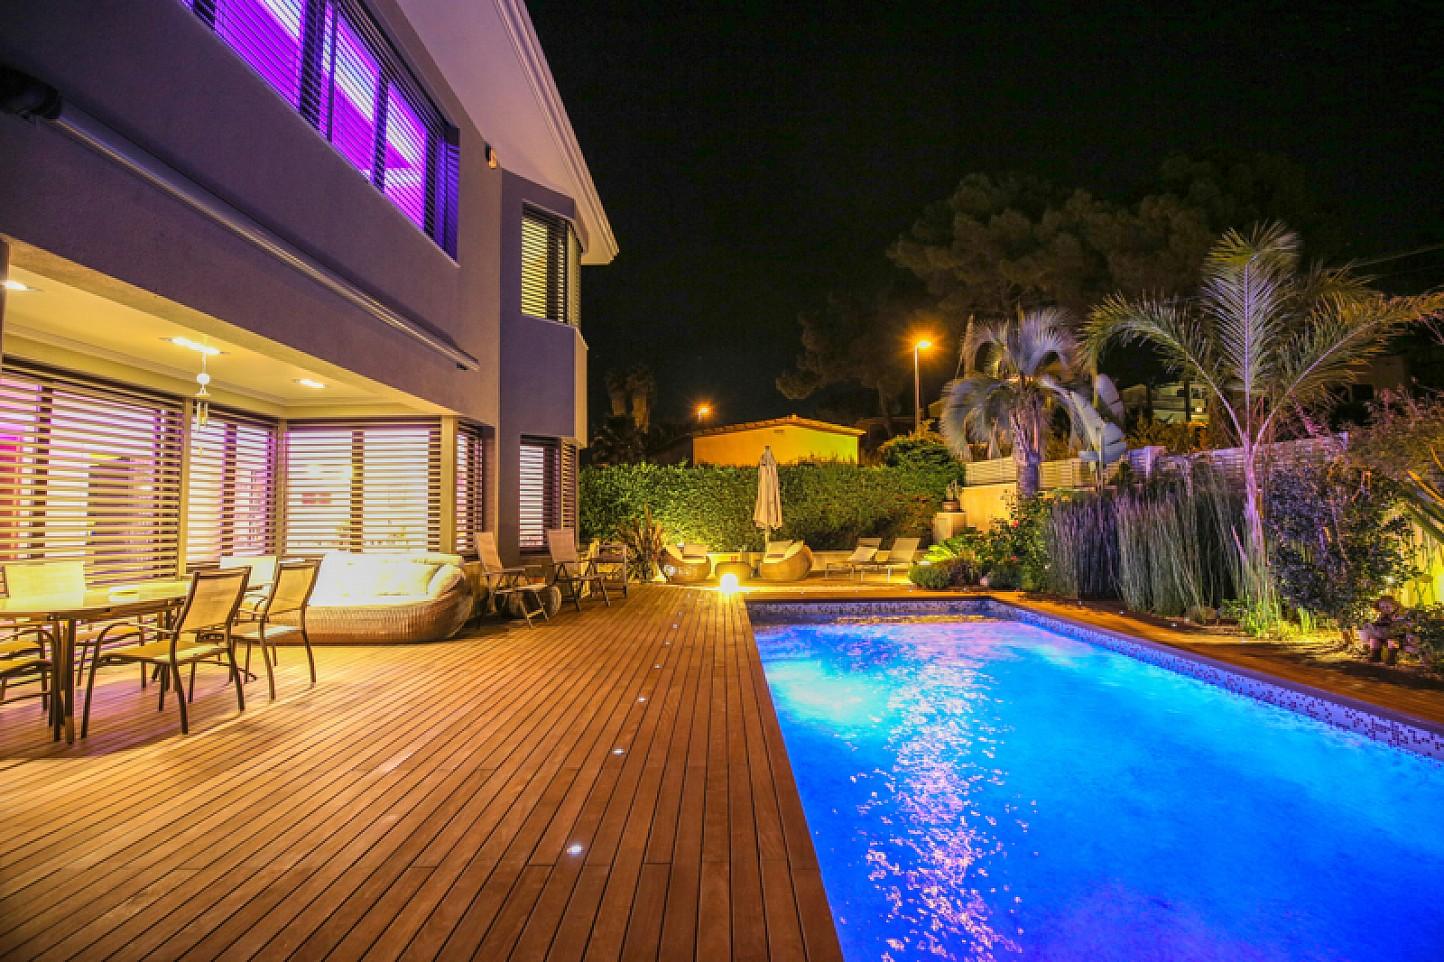 Terrasse und Pool bei Nacht